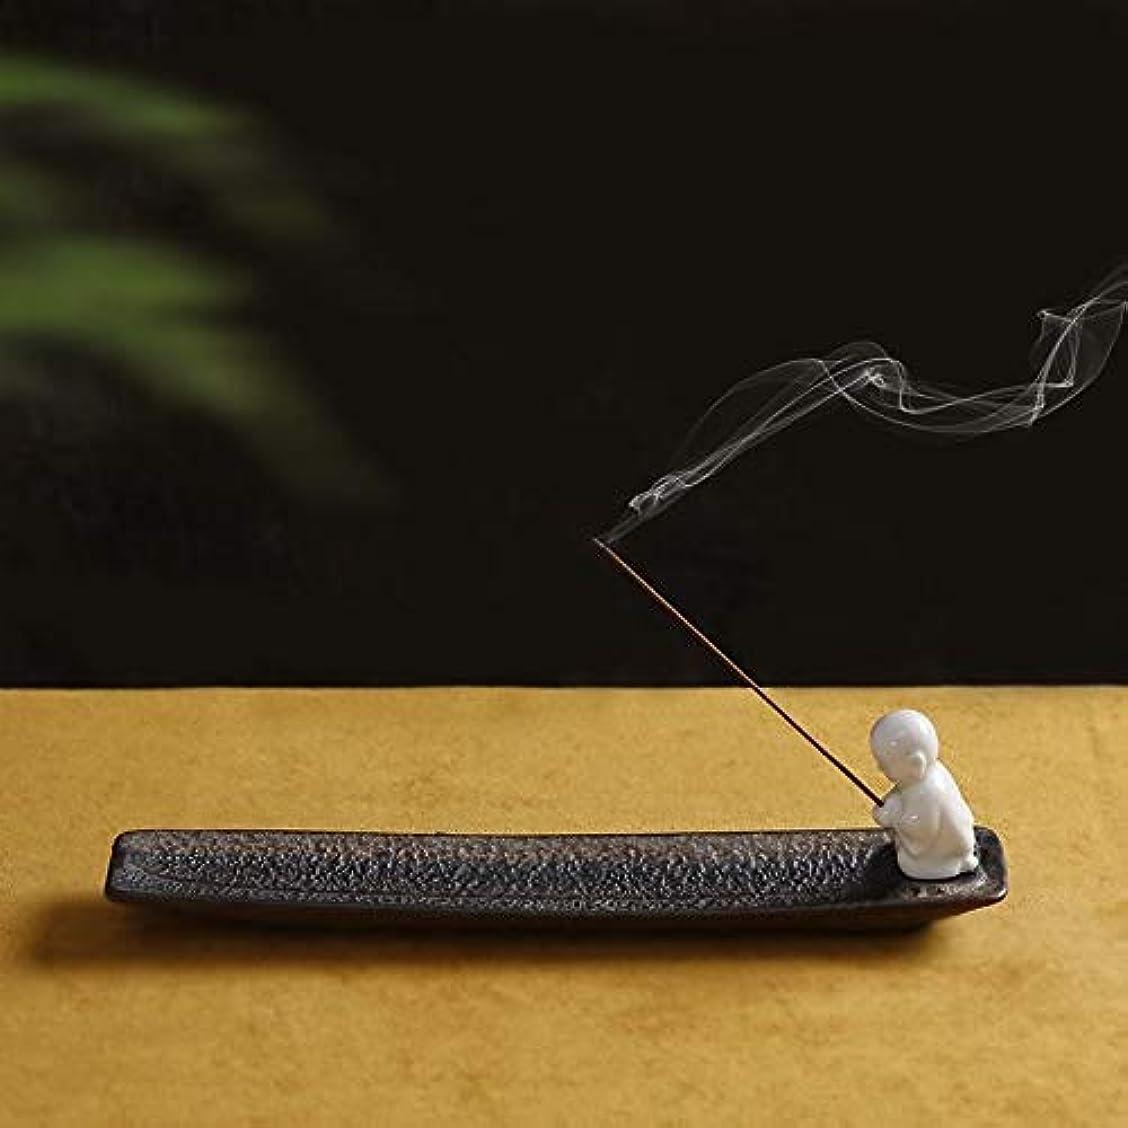 追う不公平ダムPHILOGOD 陶器香炉 クリエイティブスタイリング香置物 仏壇用線香立て 香皿